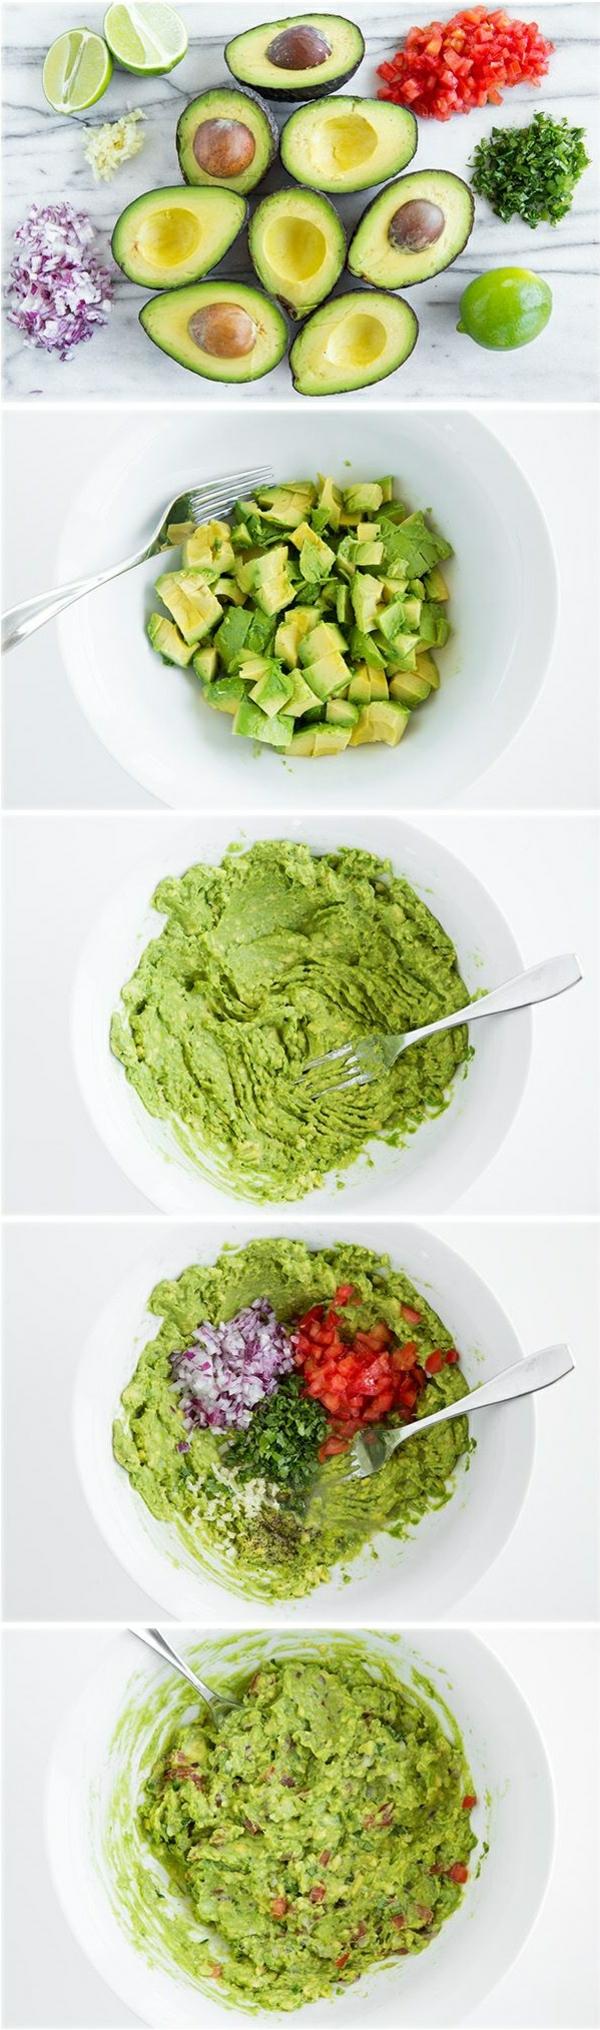 Hummus selber machen hummus gesund essen guacamole